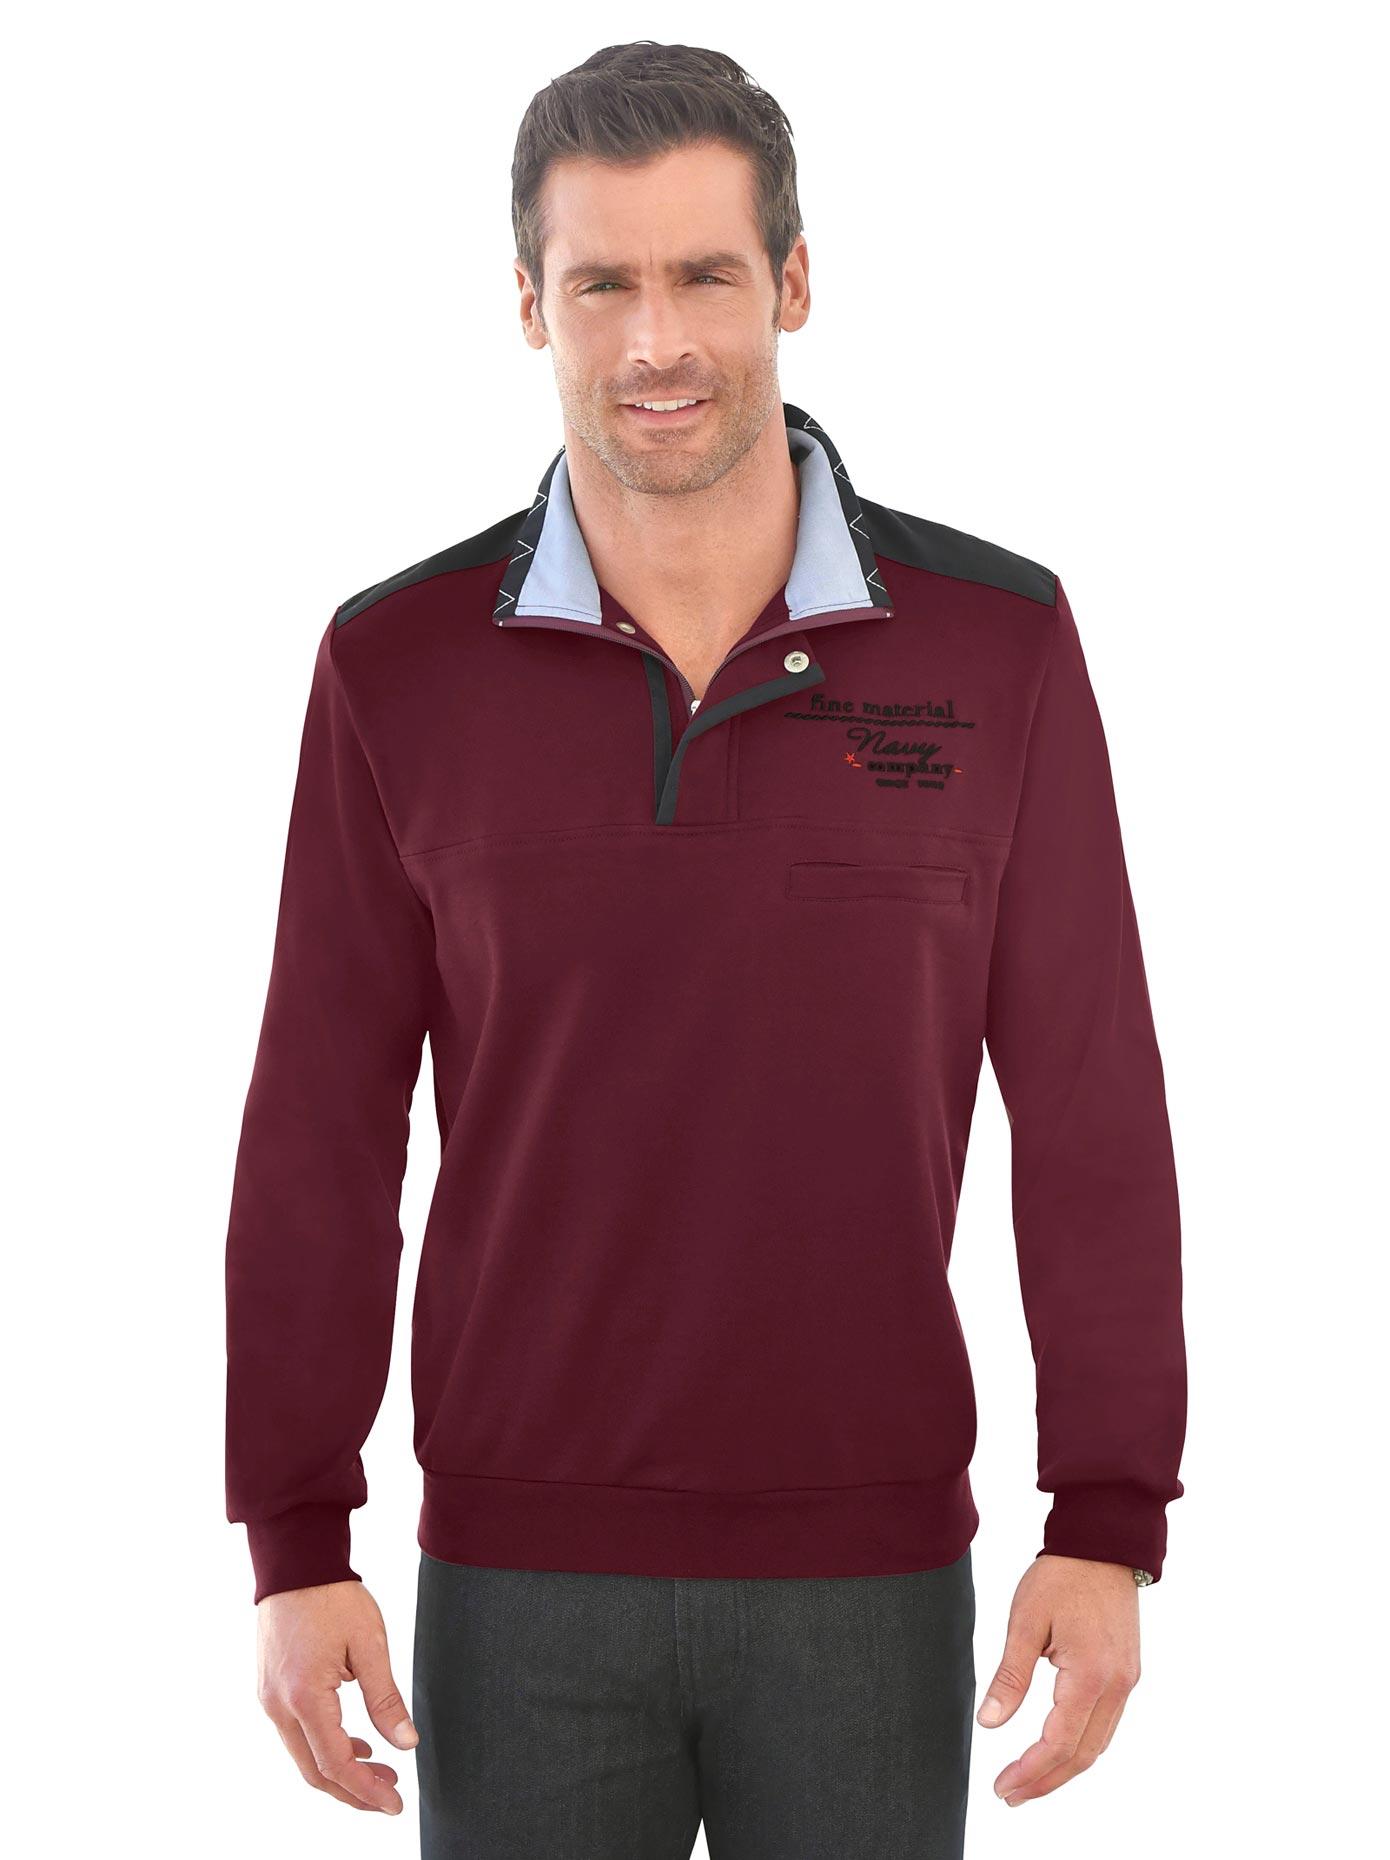 Marco Donati Langarm-Shirt aus reiner Baumwolle | Bekleidung > Shirts > Langarm Shirts